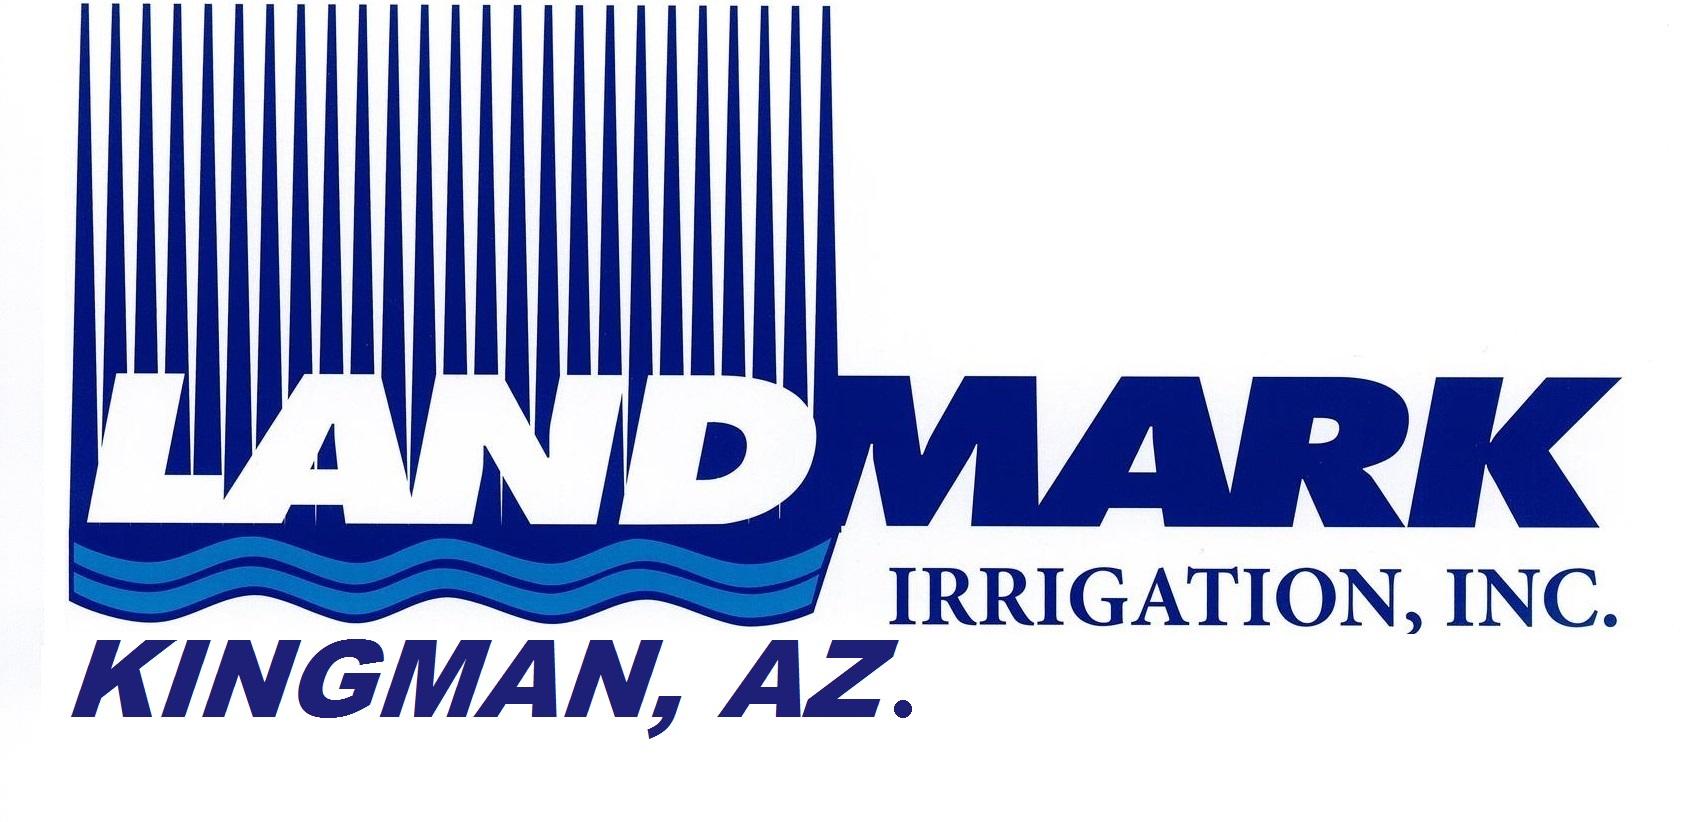 LMI Logo 2 KINGMAN AZ FINAL.jpg